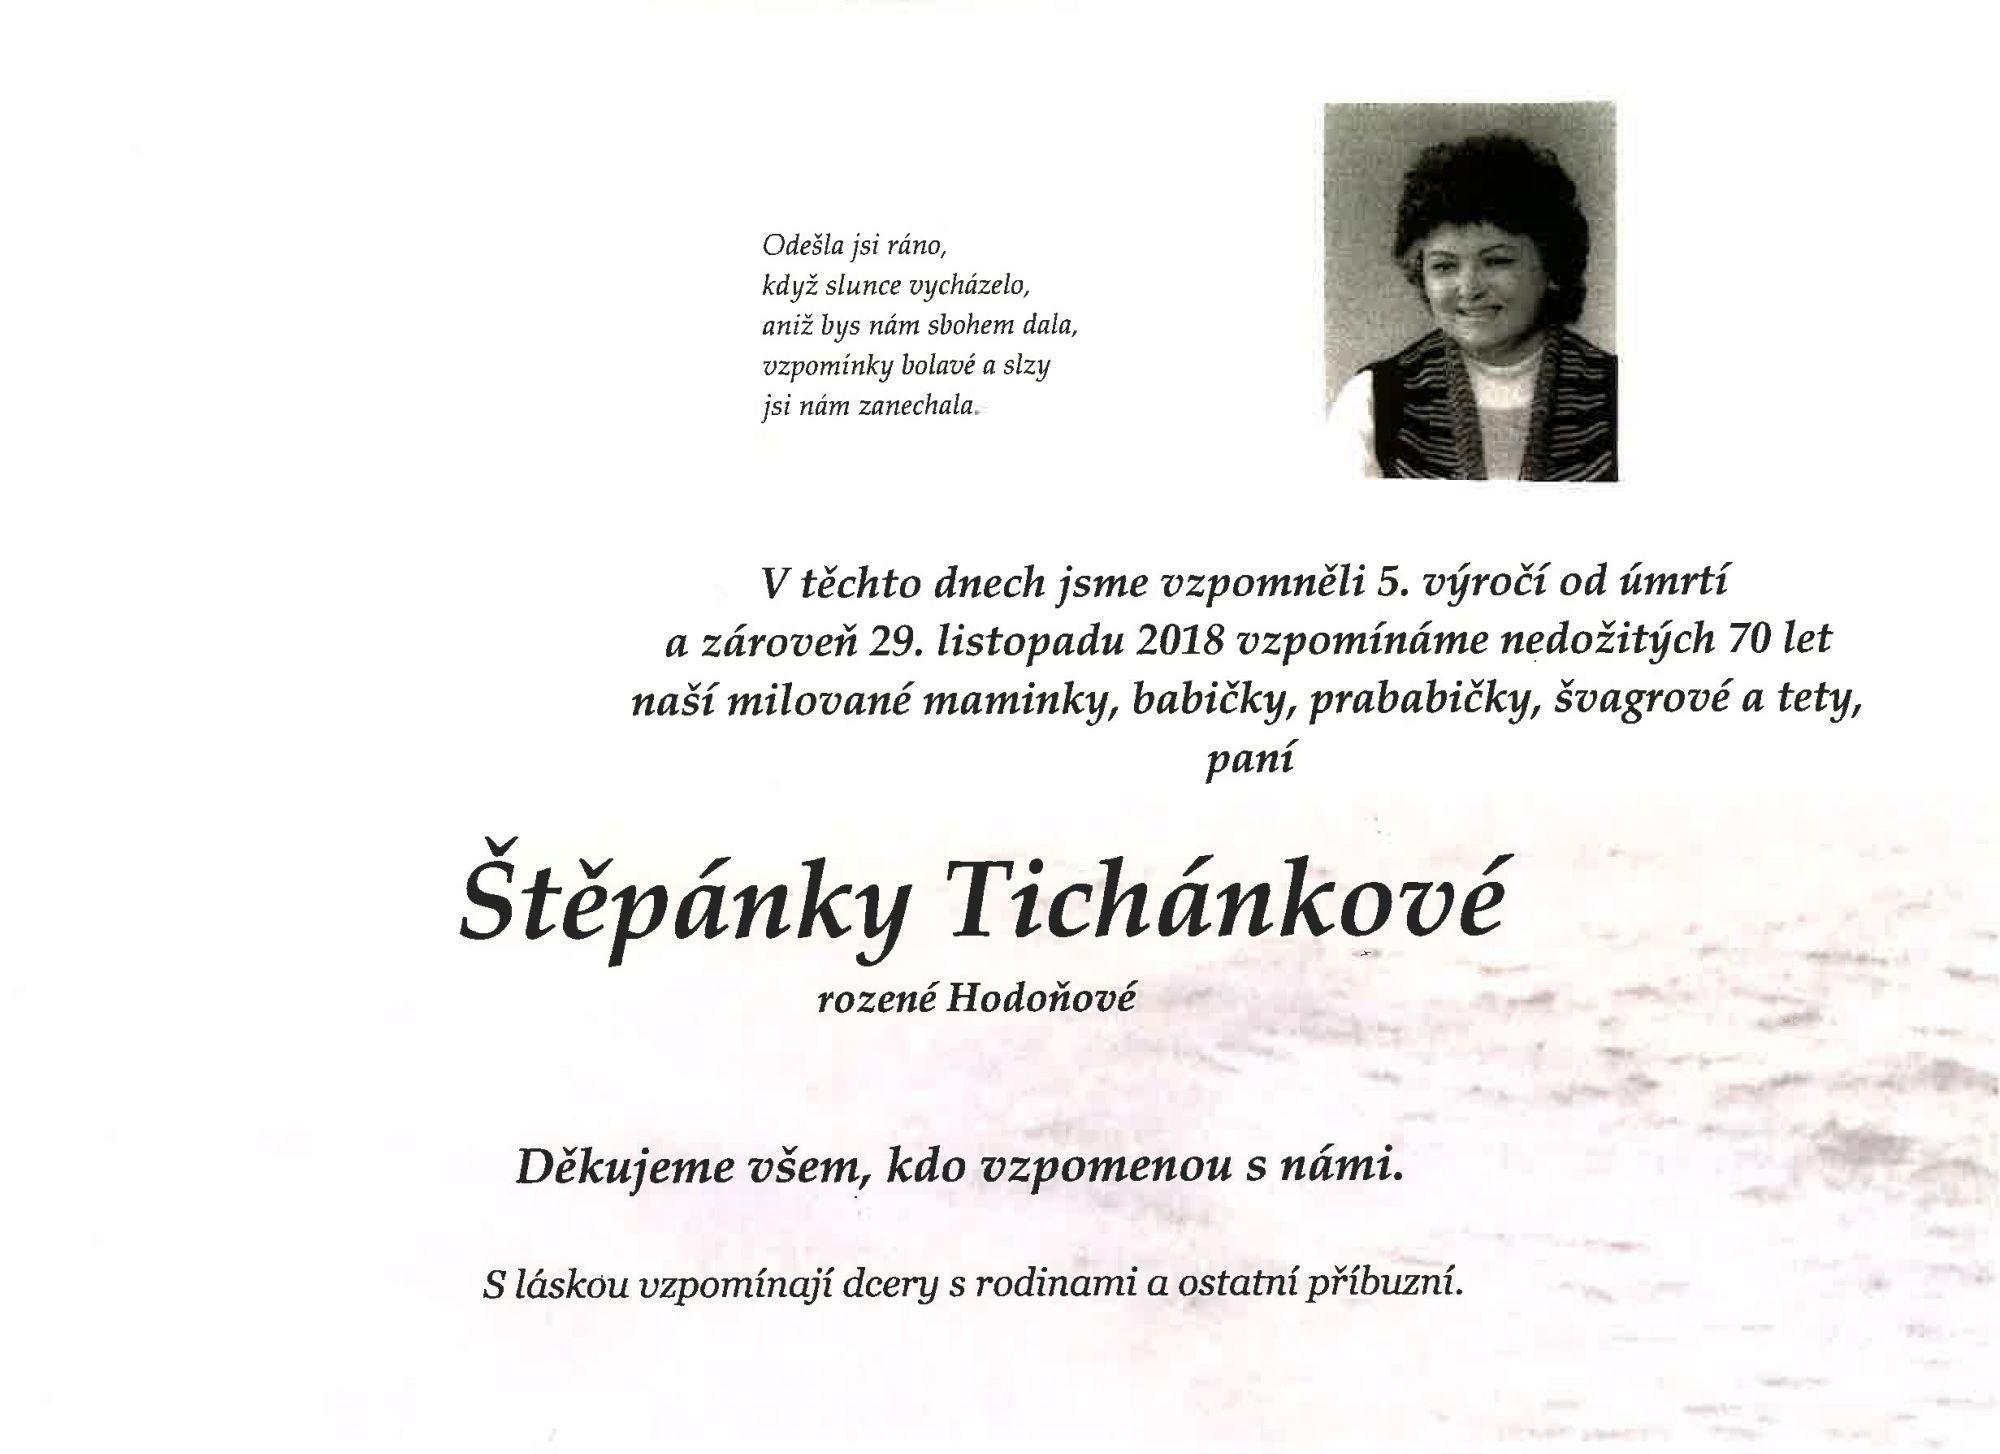 Štěpánka Tichánková